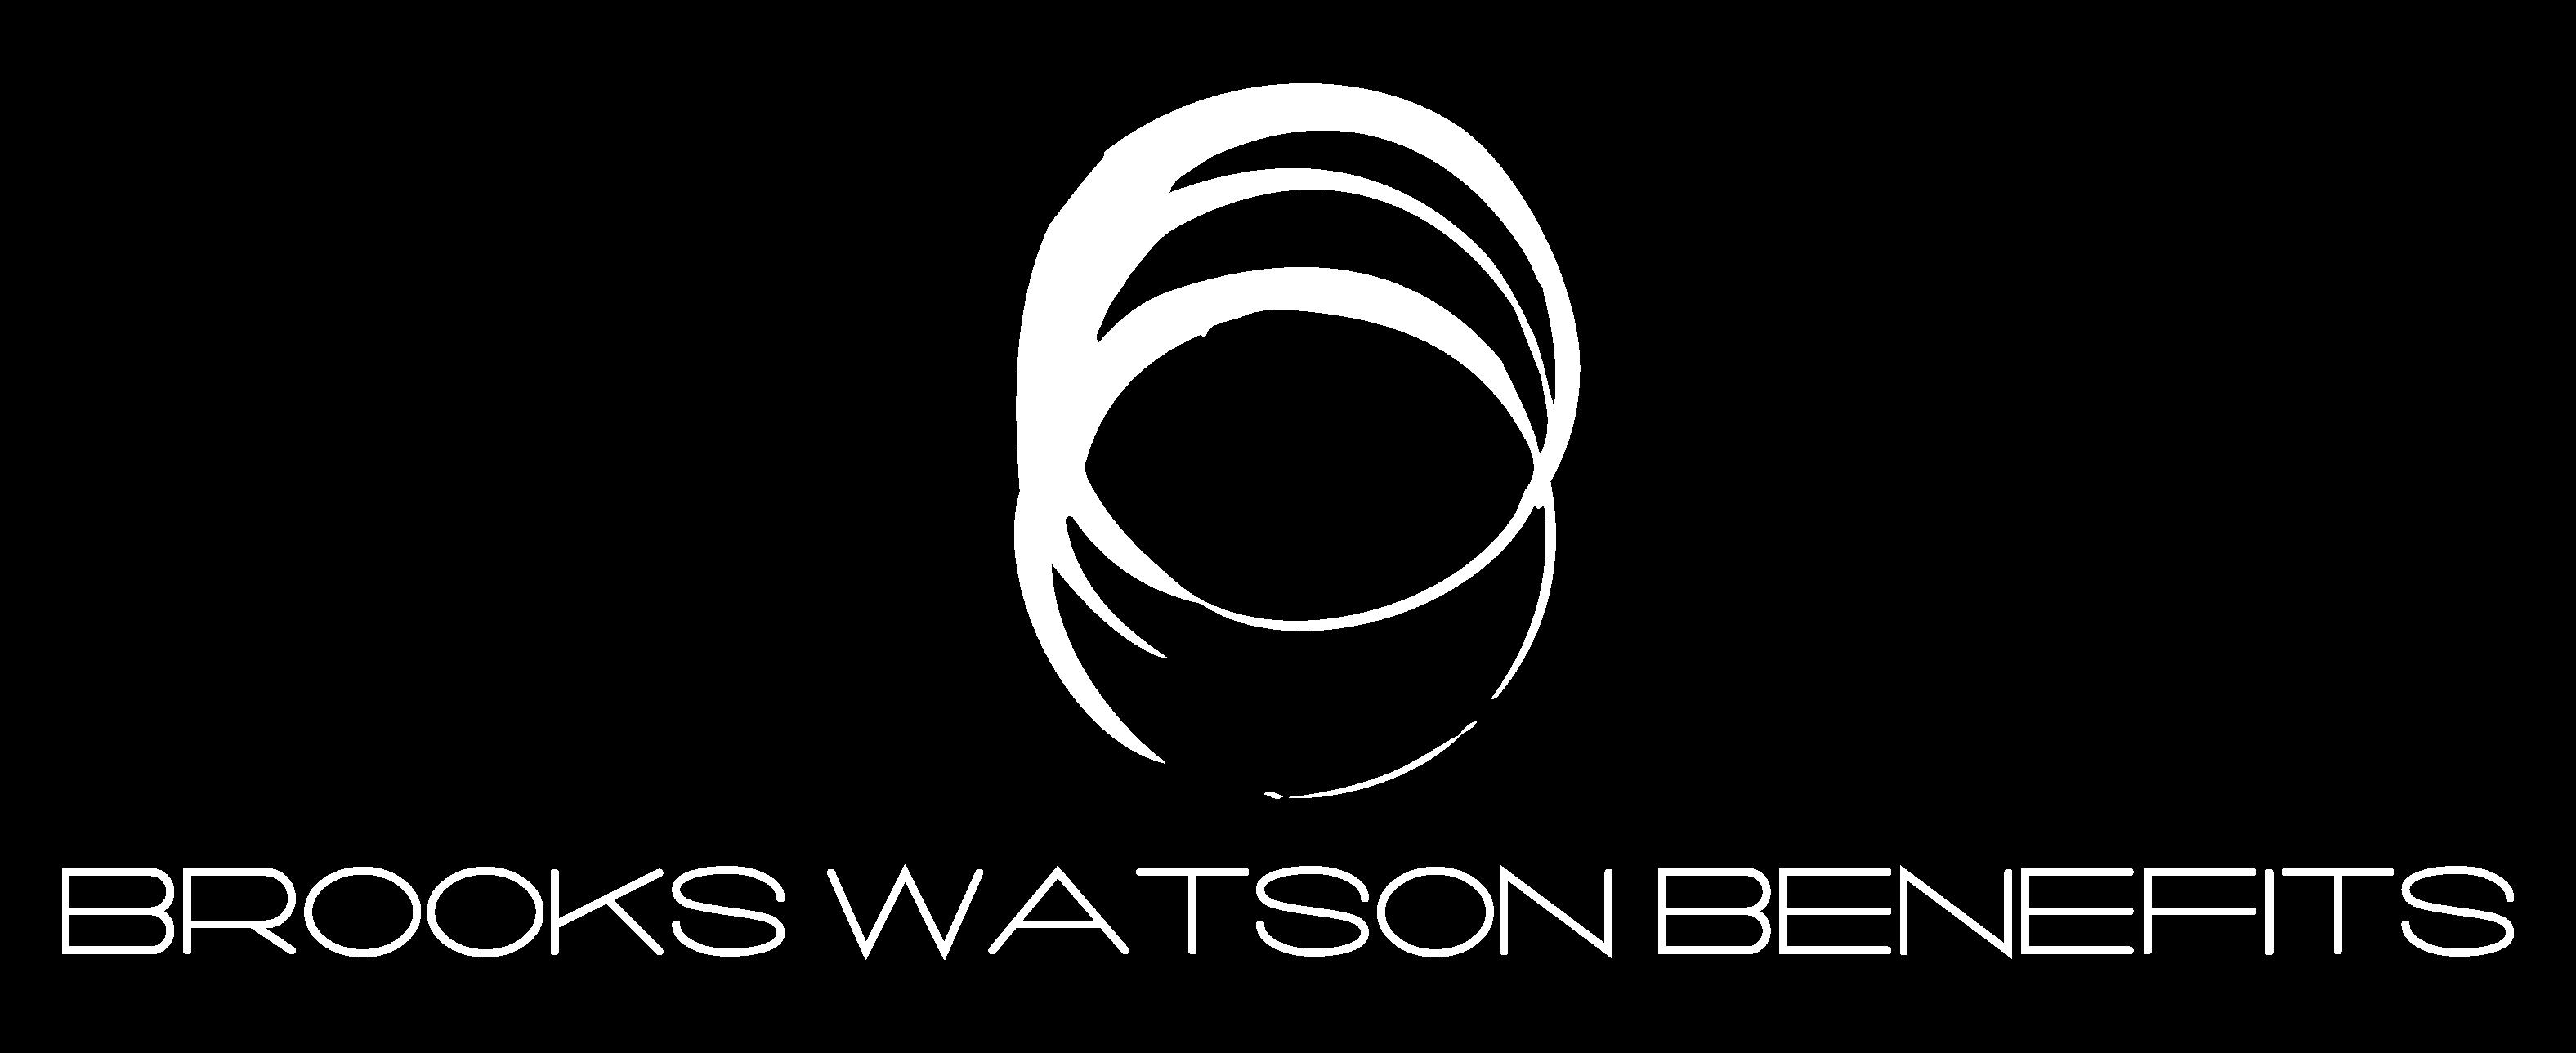 Brooks Watson